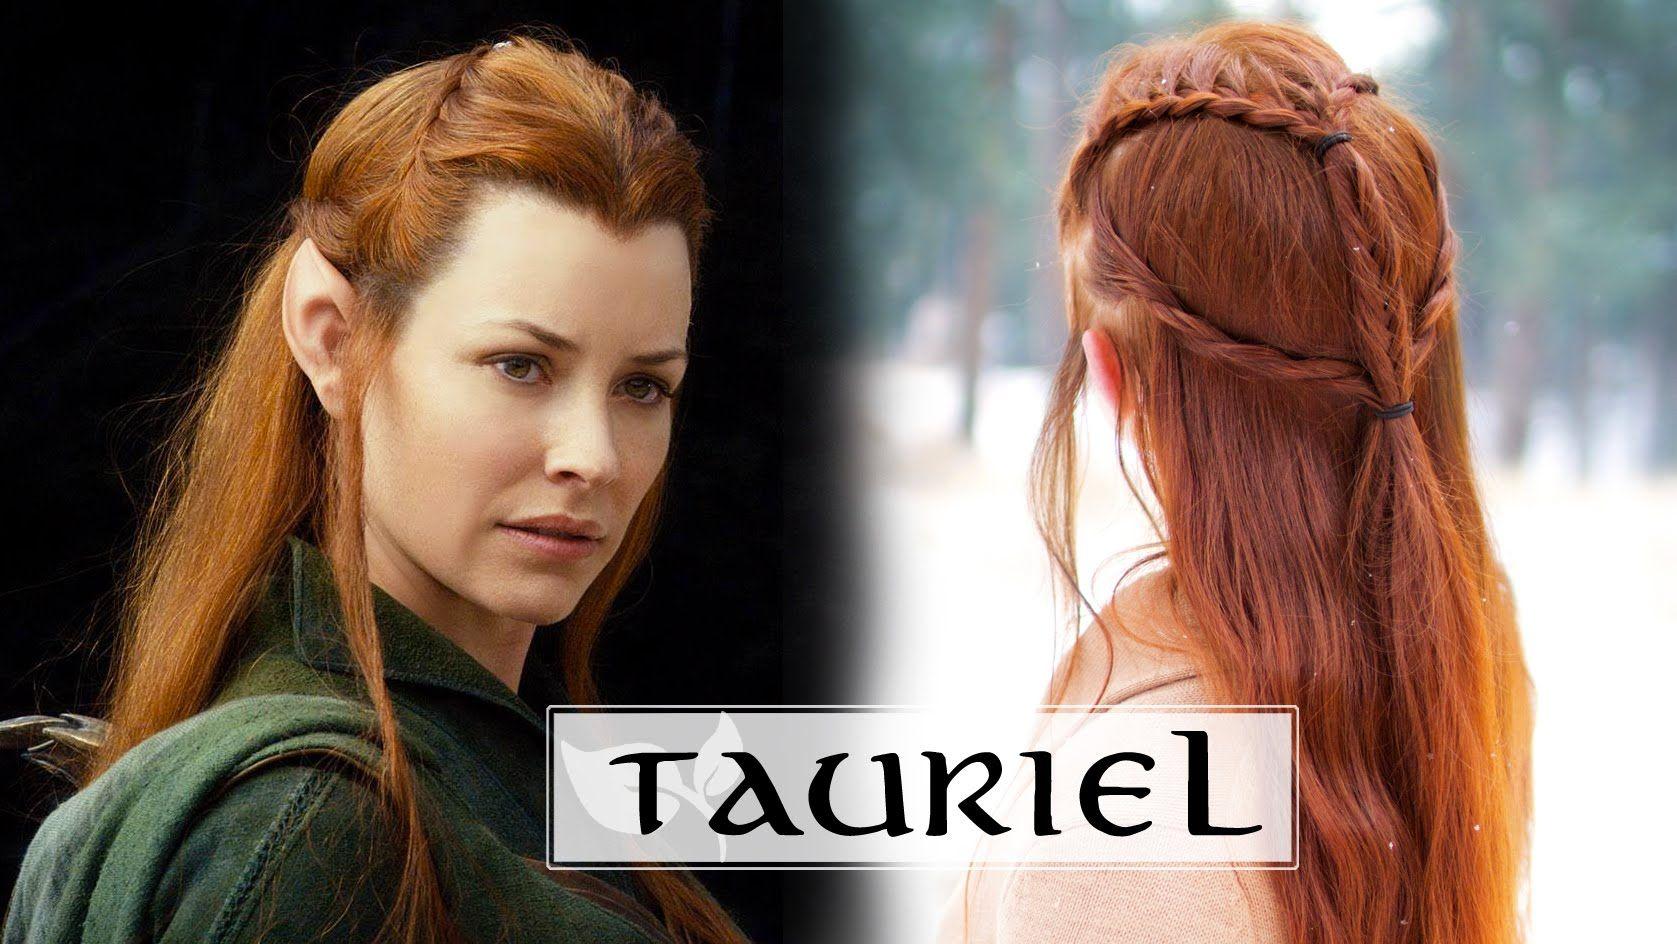 The Hobbit Hair Tutorial - Tauriel